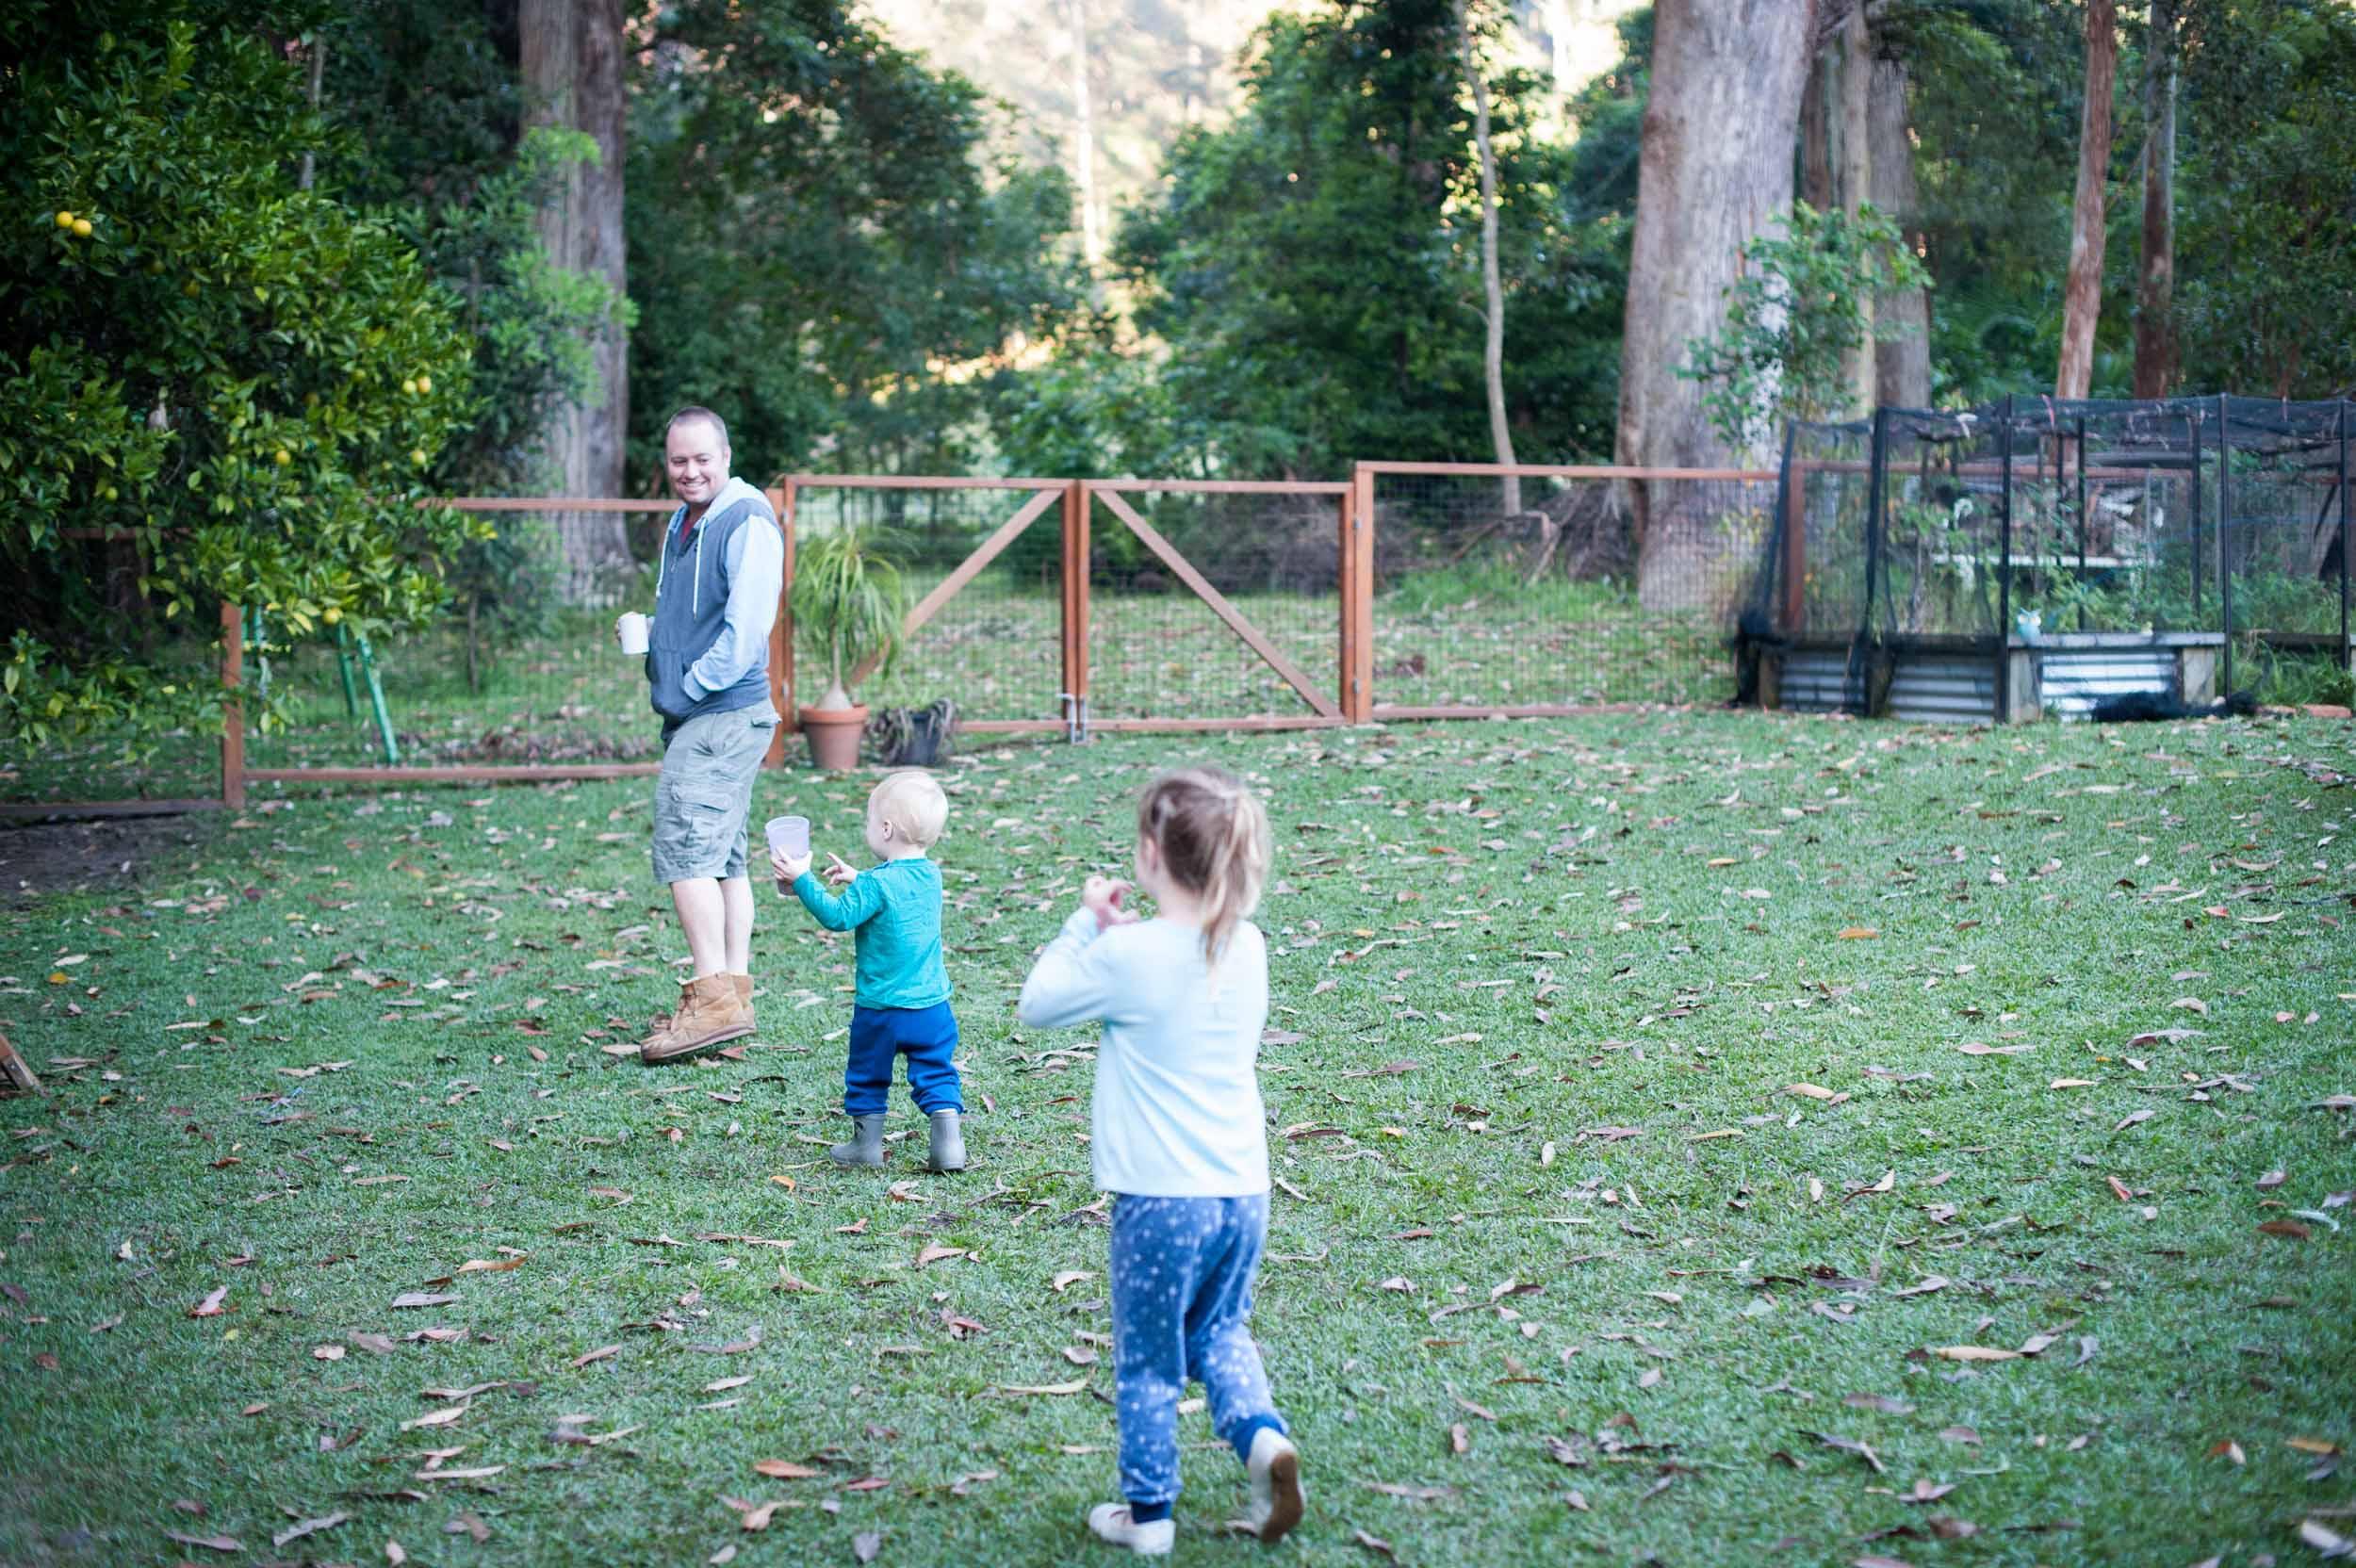 Family walking in back yard